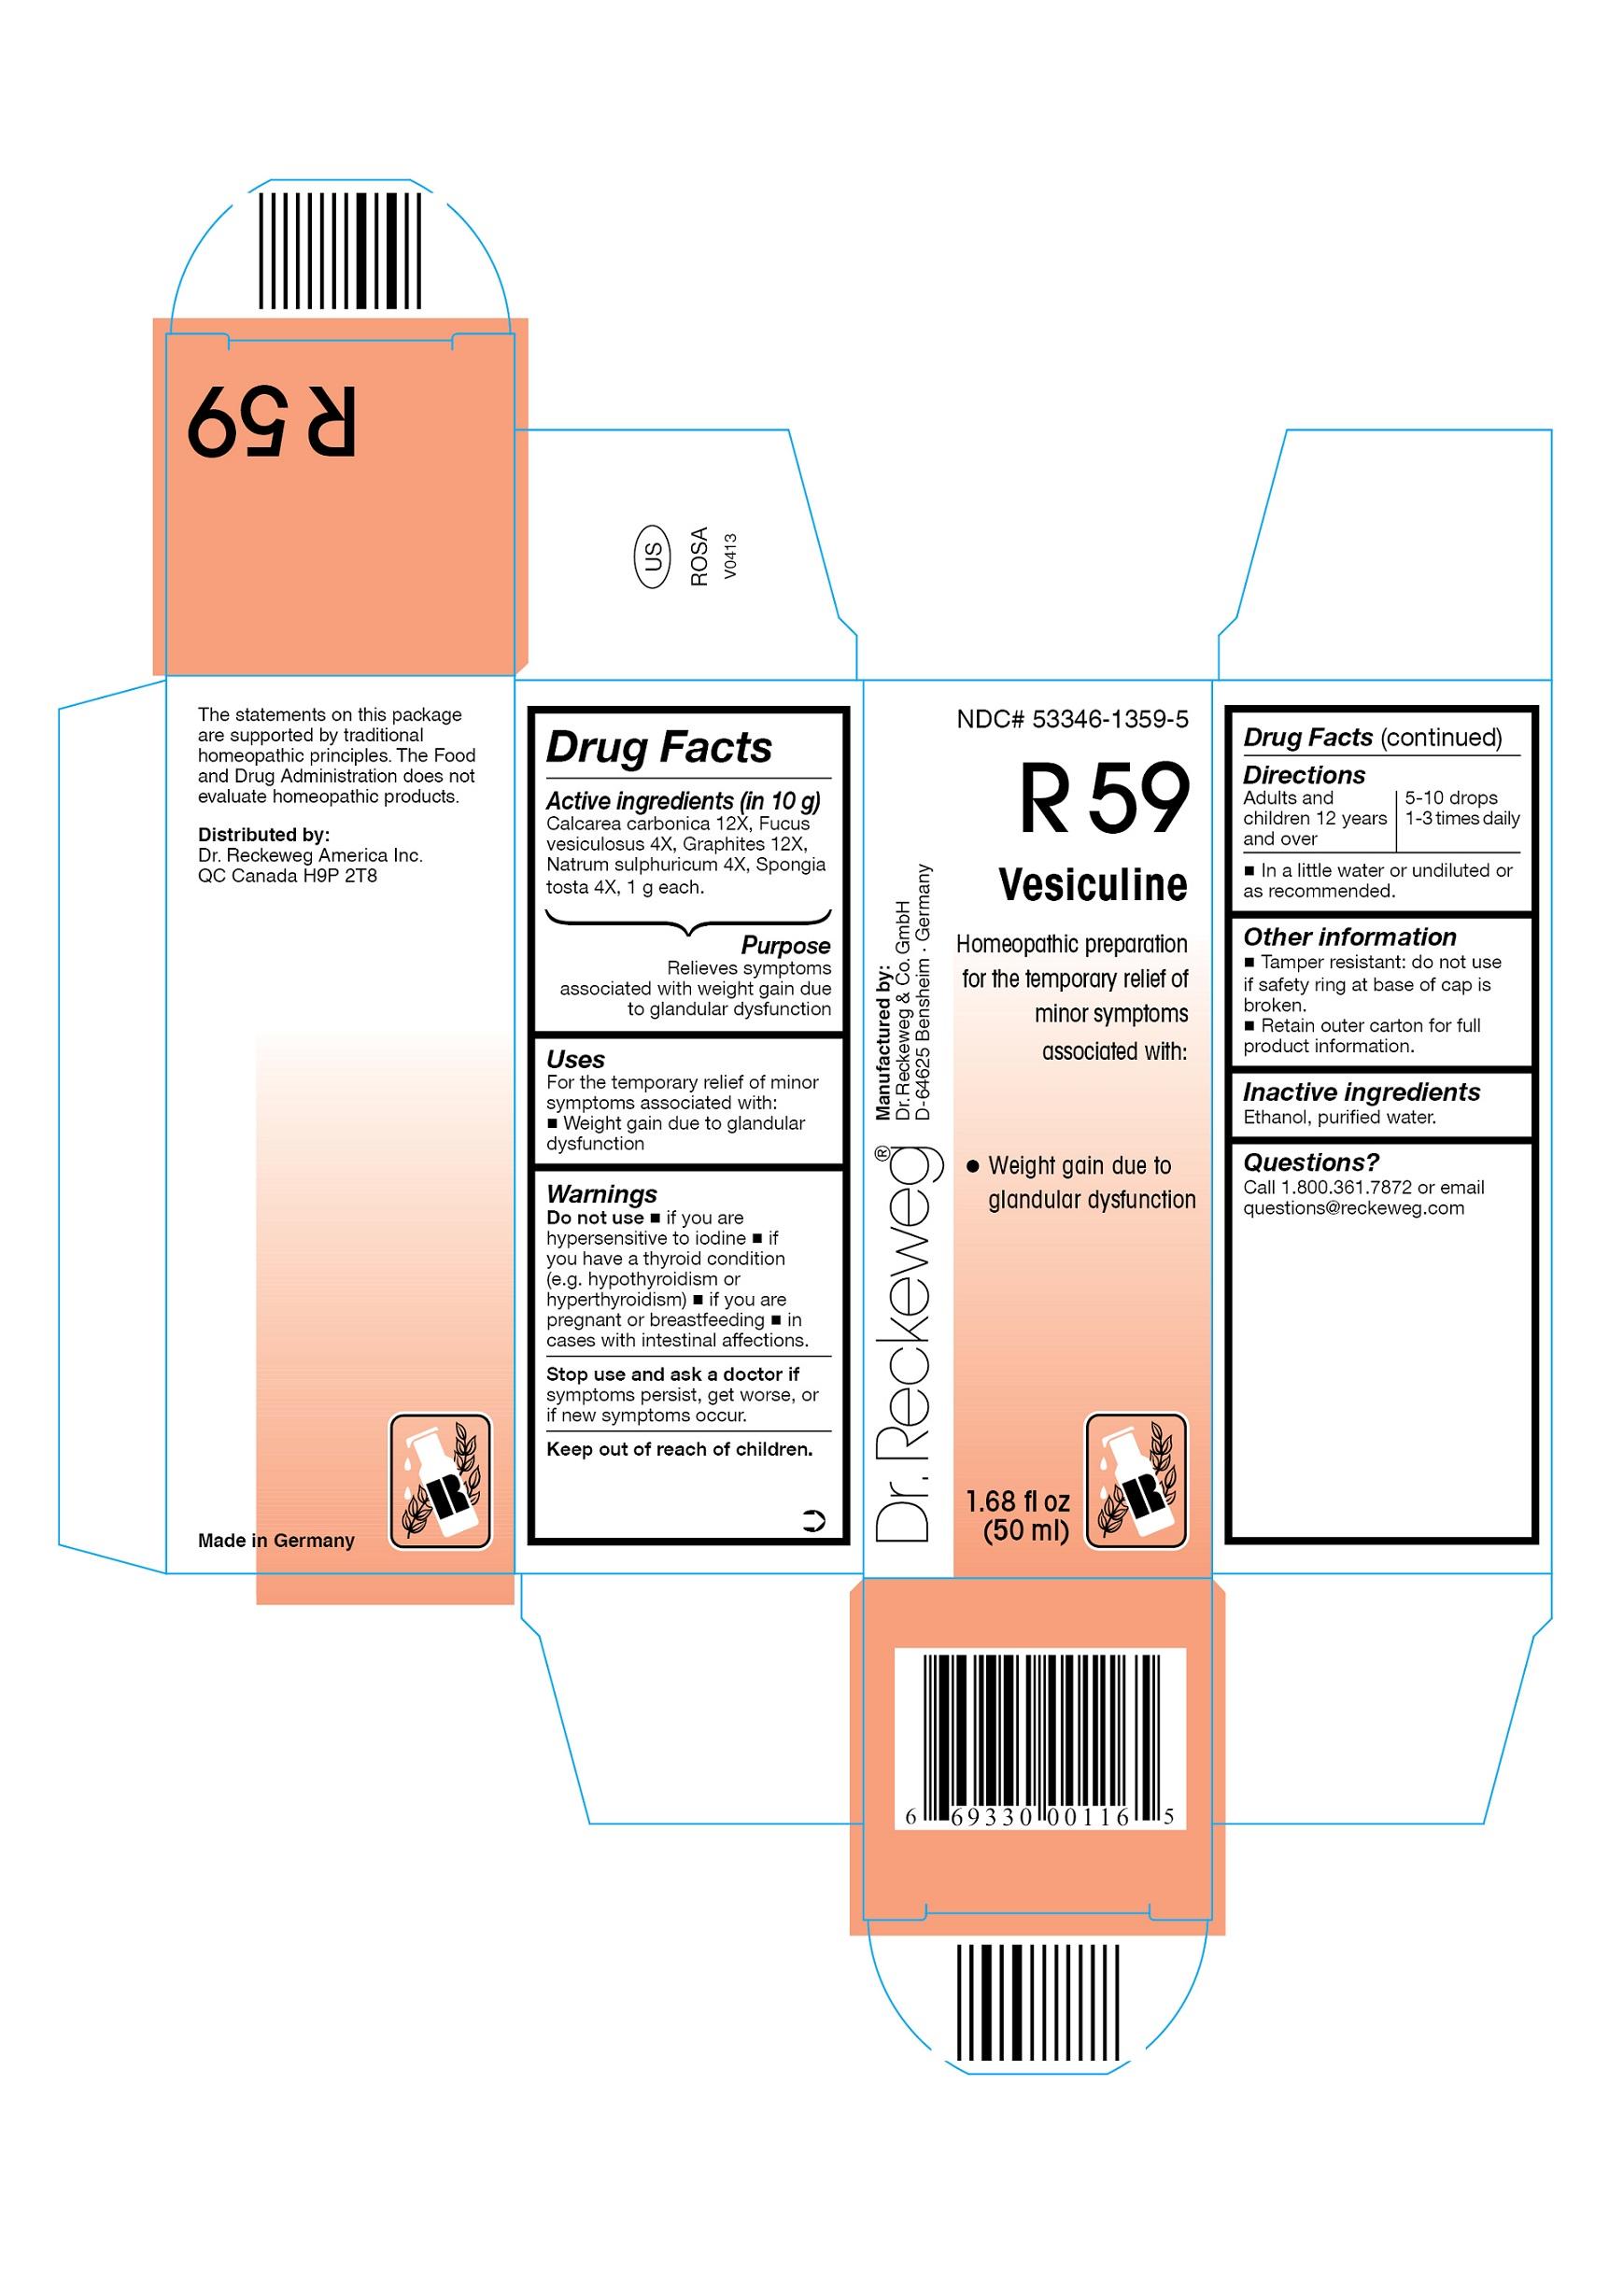 Dr. Reckeweg R59 Vesiculine Combination Product (Calcarea Carbonica 12x, Fucus Vesiculosus 4x, Graphites 12x, Natrum Sulphuricum 4x, Spongia Tosta 4x) Liquid [Pharmazeutische Fabrik Dr. Reckeweg & Co]